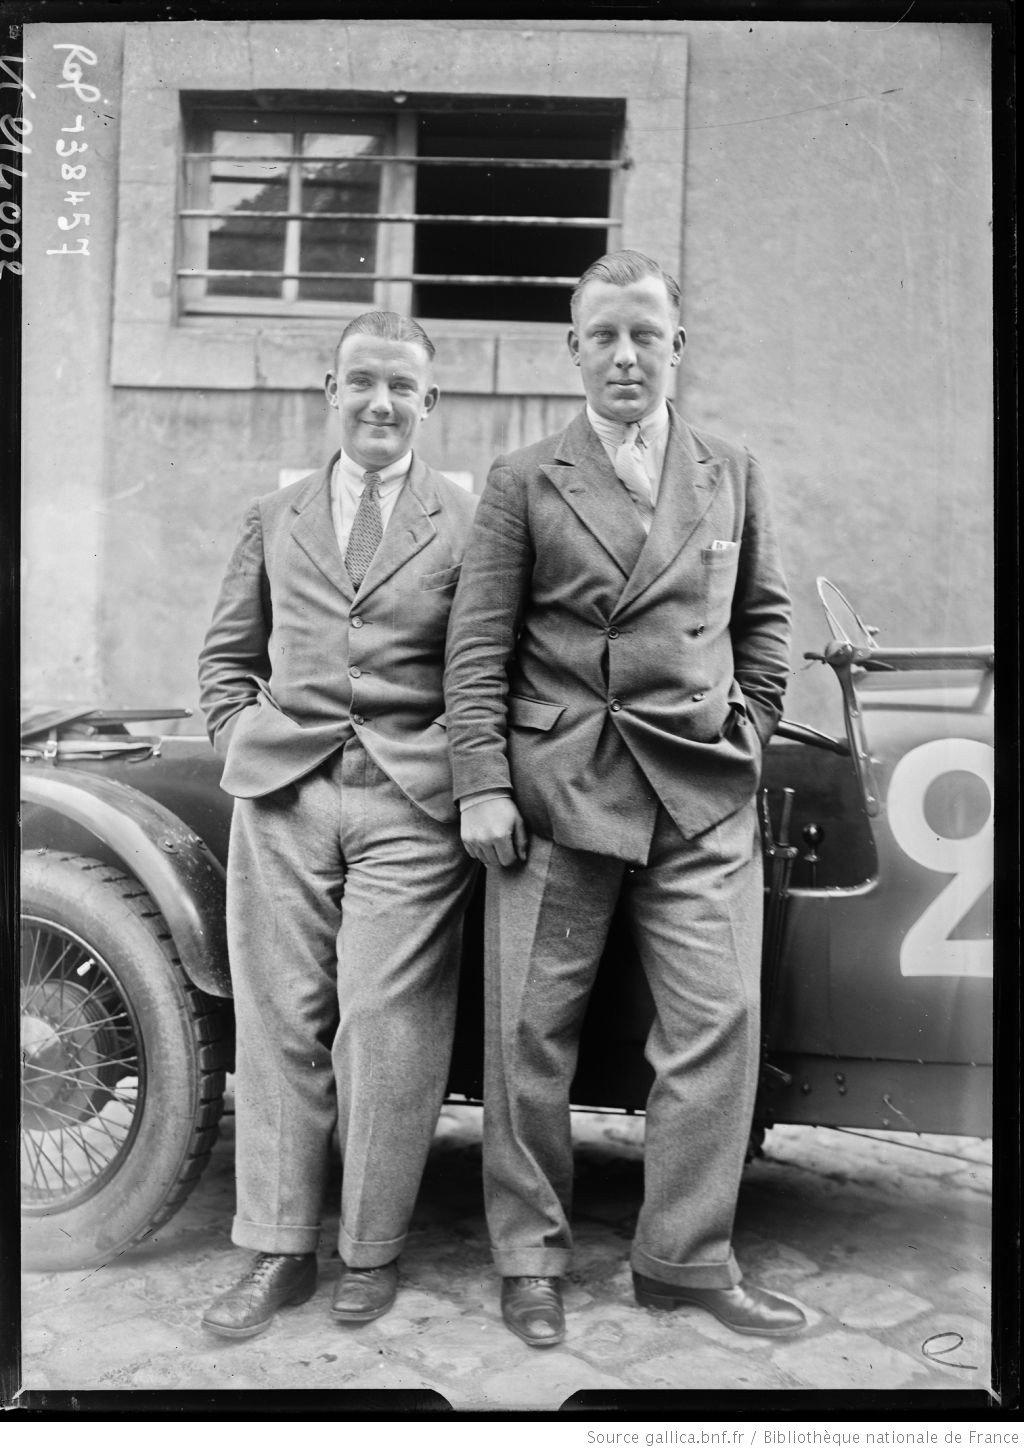 De gauche à droite] Dykes, Paul Cyril sur Alvis [coureurs automobiles britanniques, au pesage des 24 h du Mans, le 130629]  [photographie de presse]  [Agence Rol].